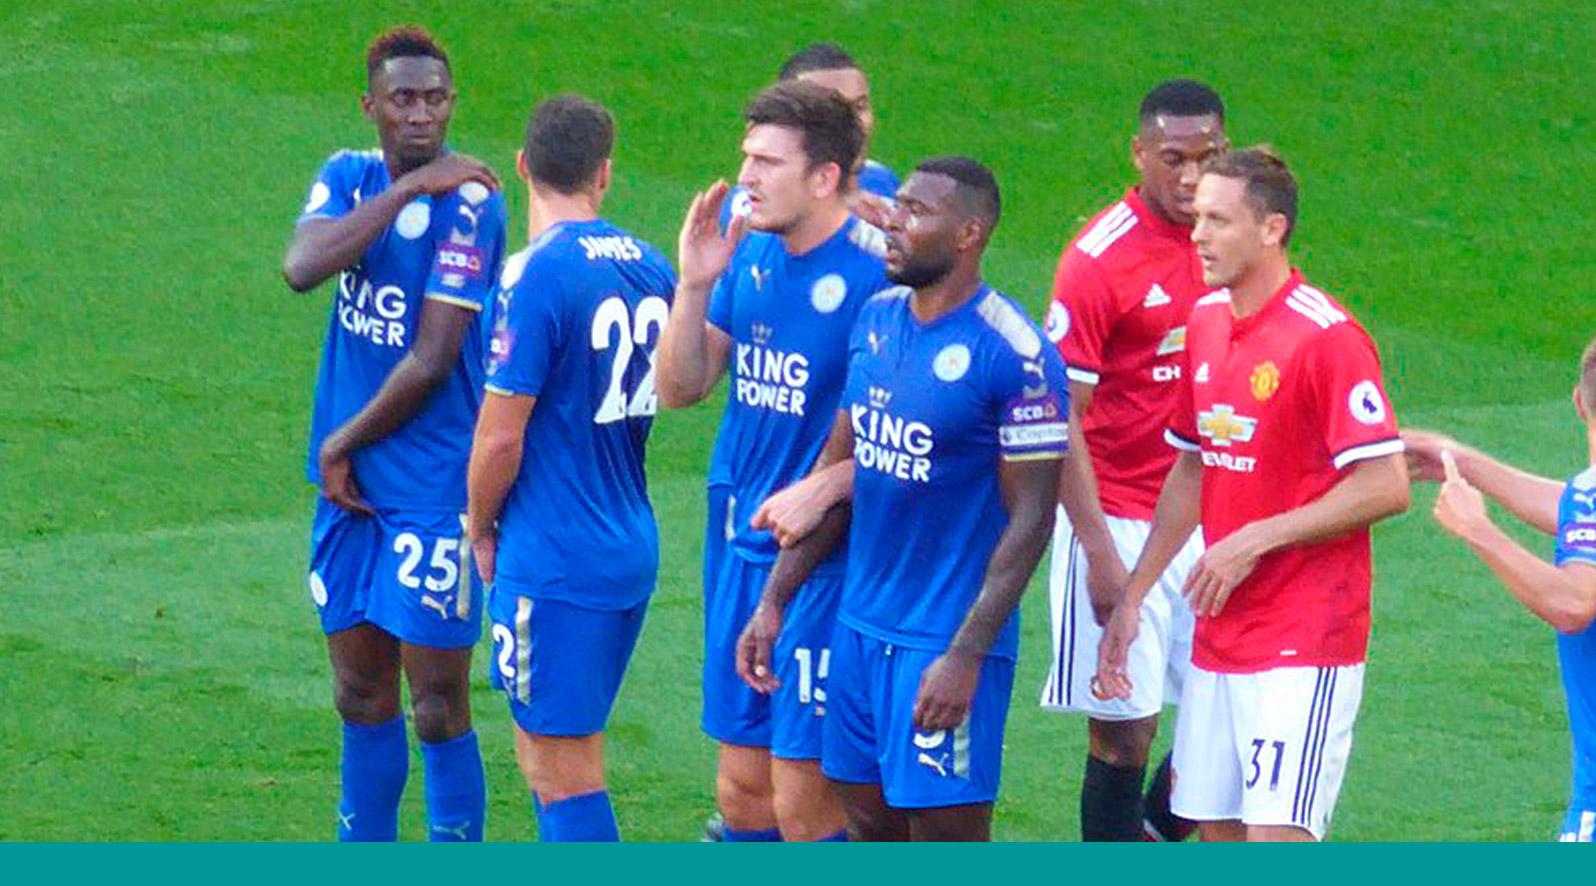 Premier-League-Interviews-Carousel-2